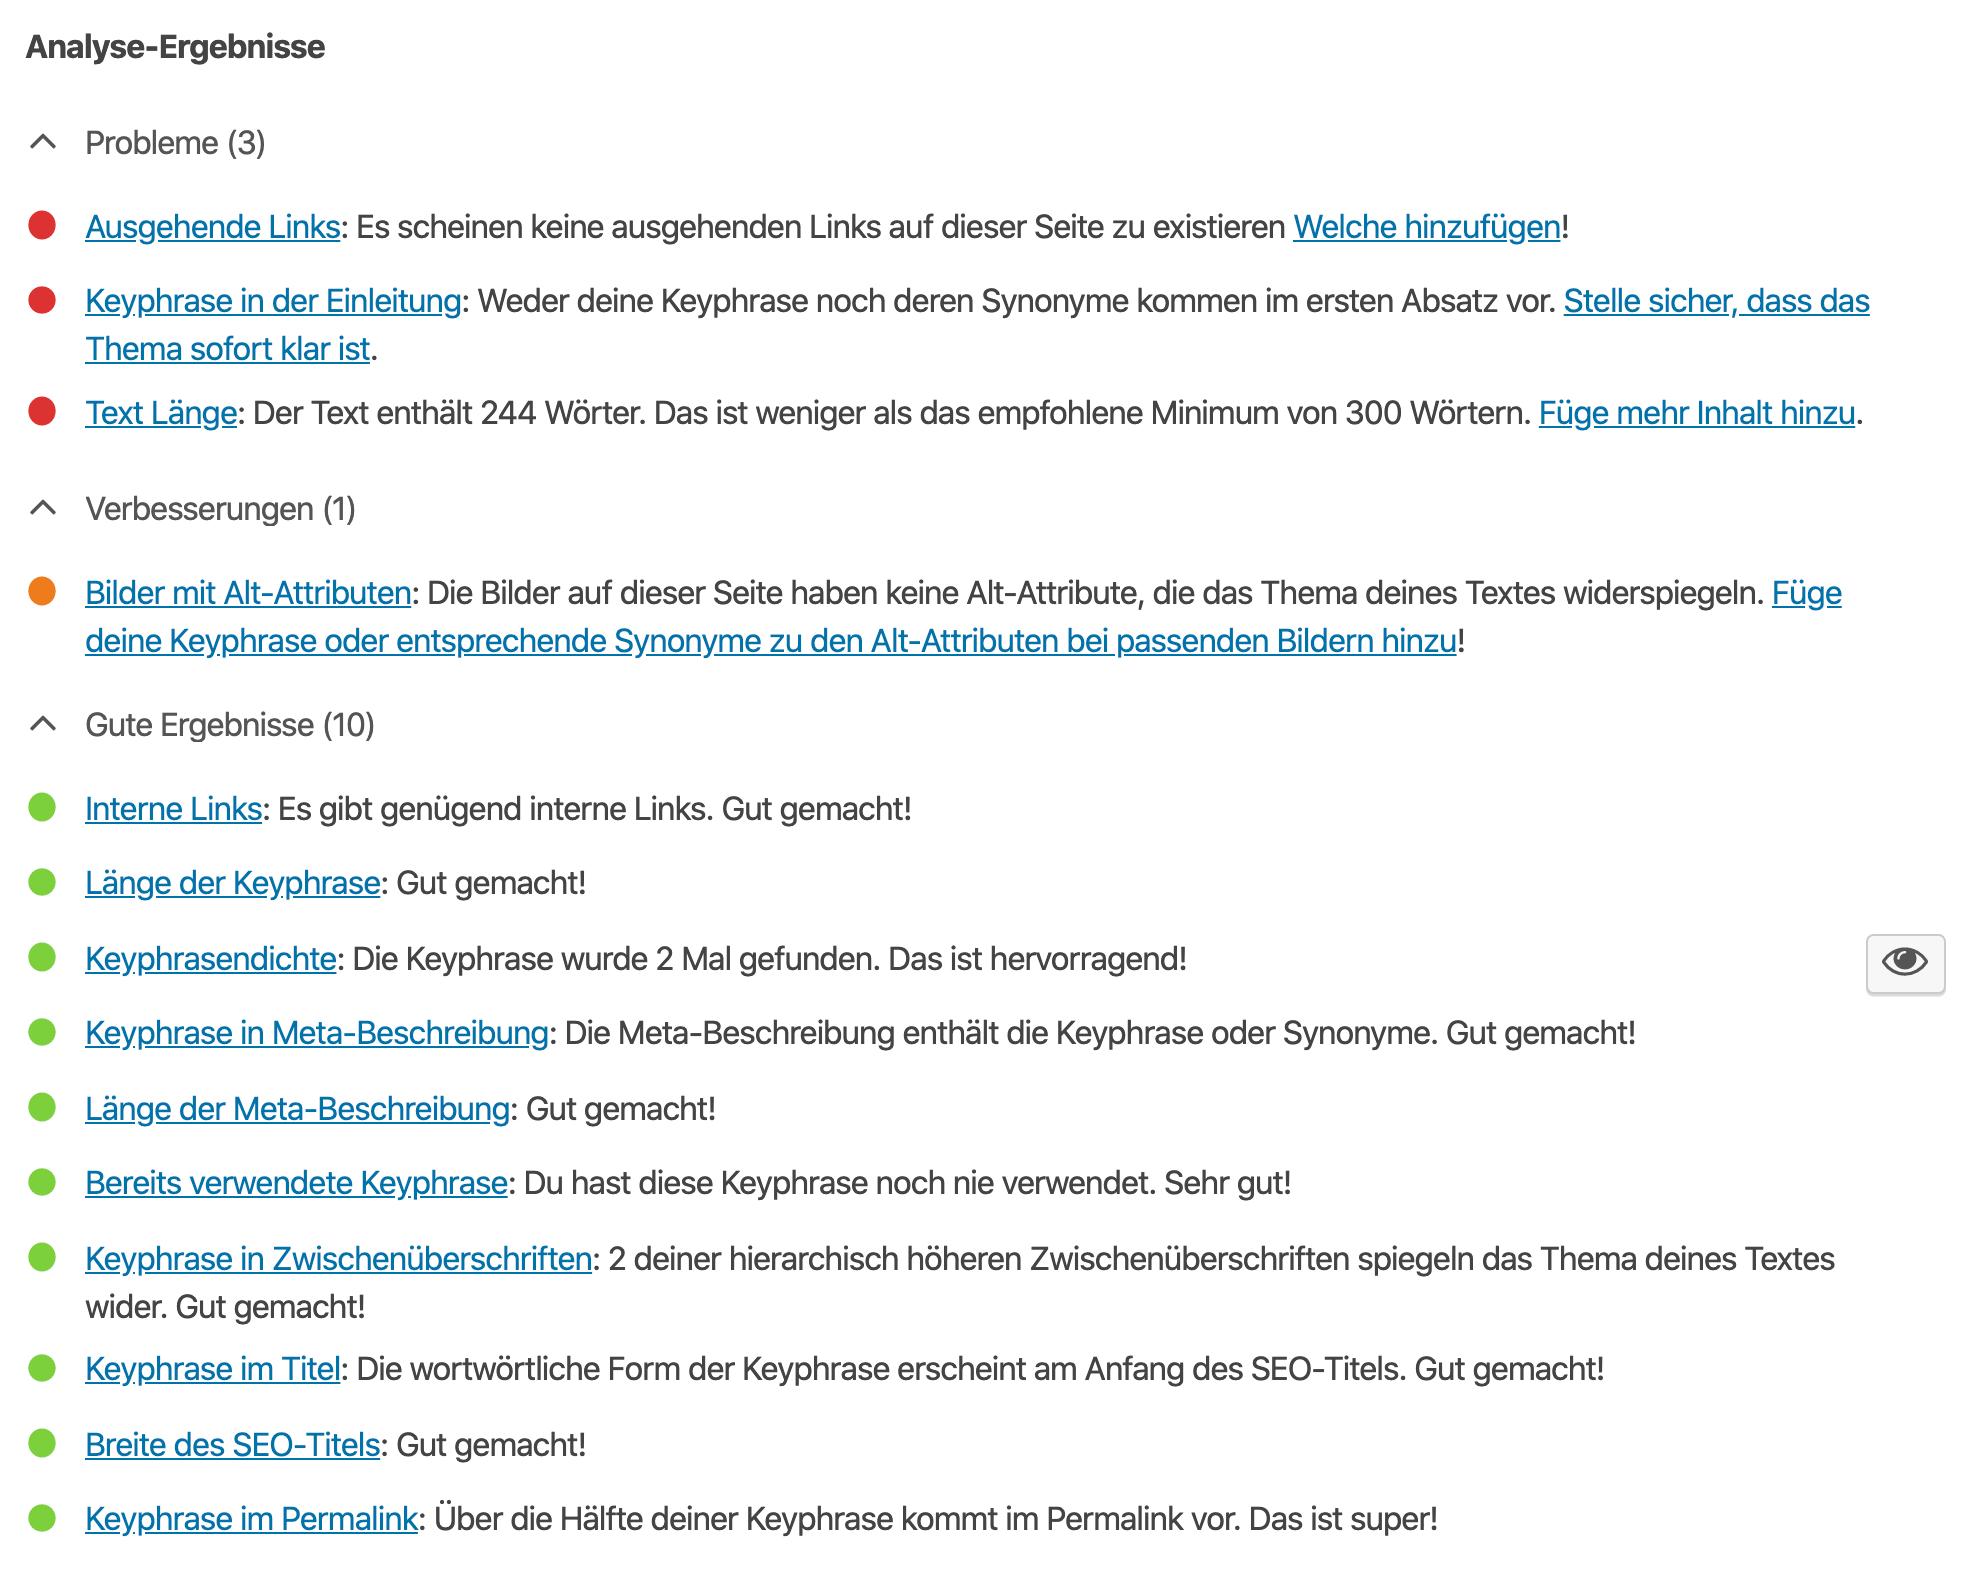 SEO Hilfe durch Yoast SEO Plugin - Analyse und Optimierungsvorschläge für deine Inhalte